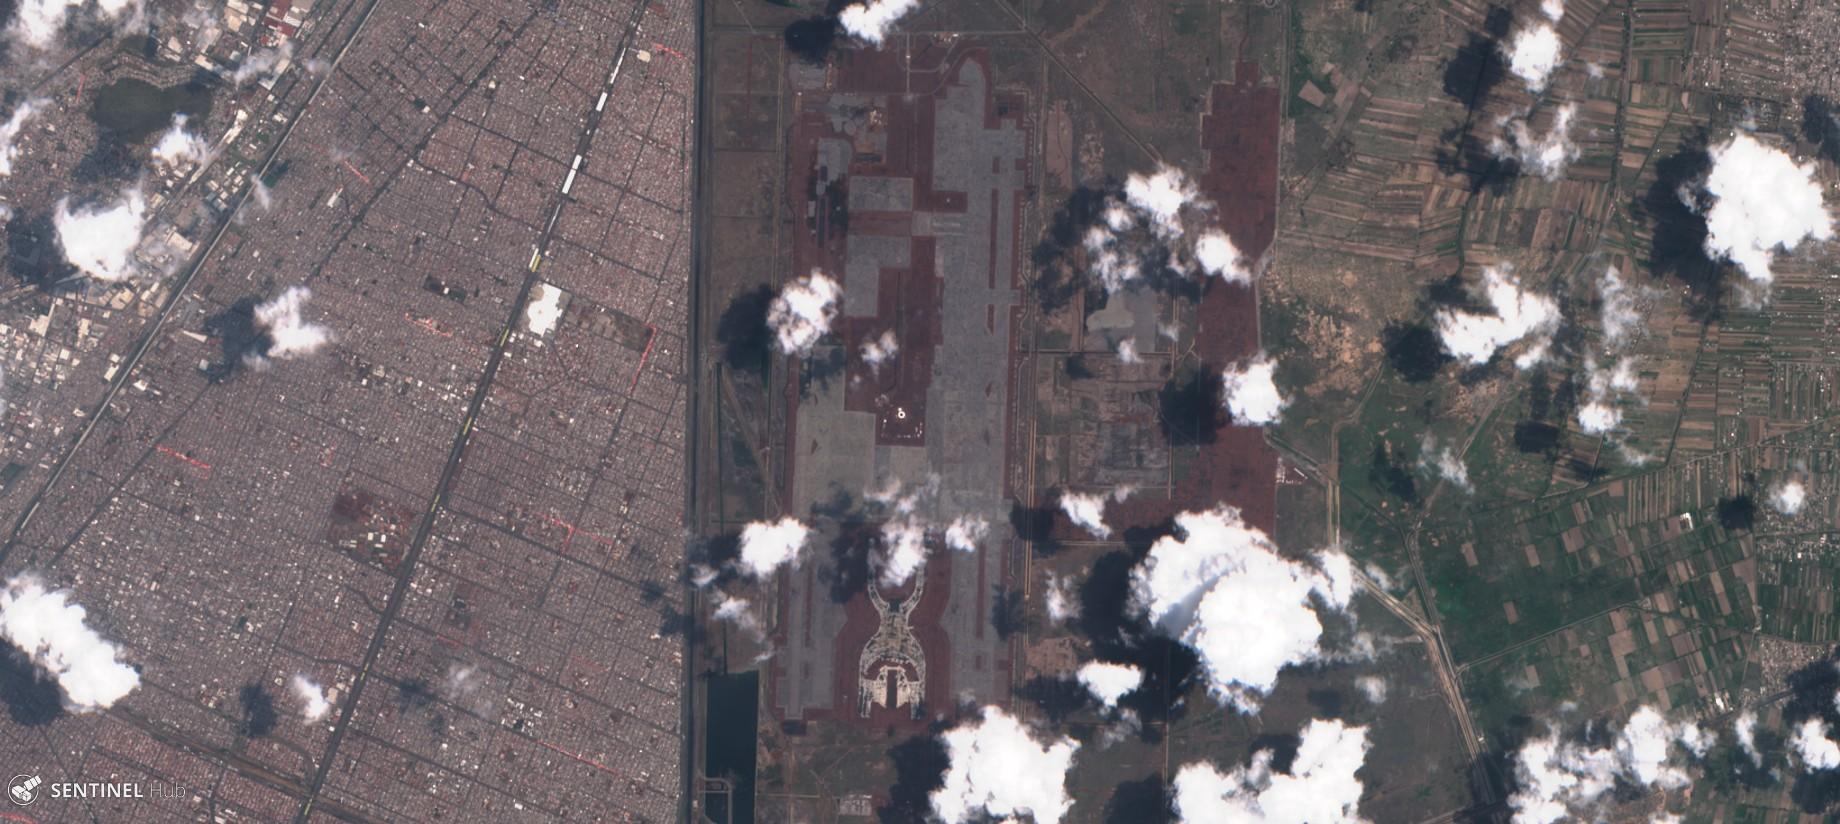 Sentinel-2 image on 2019-06-16.jpg